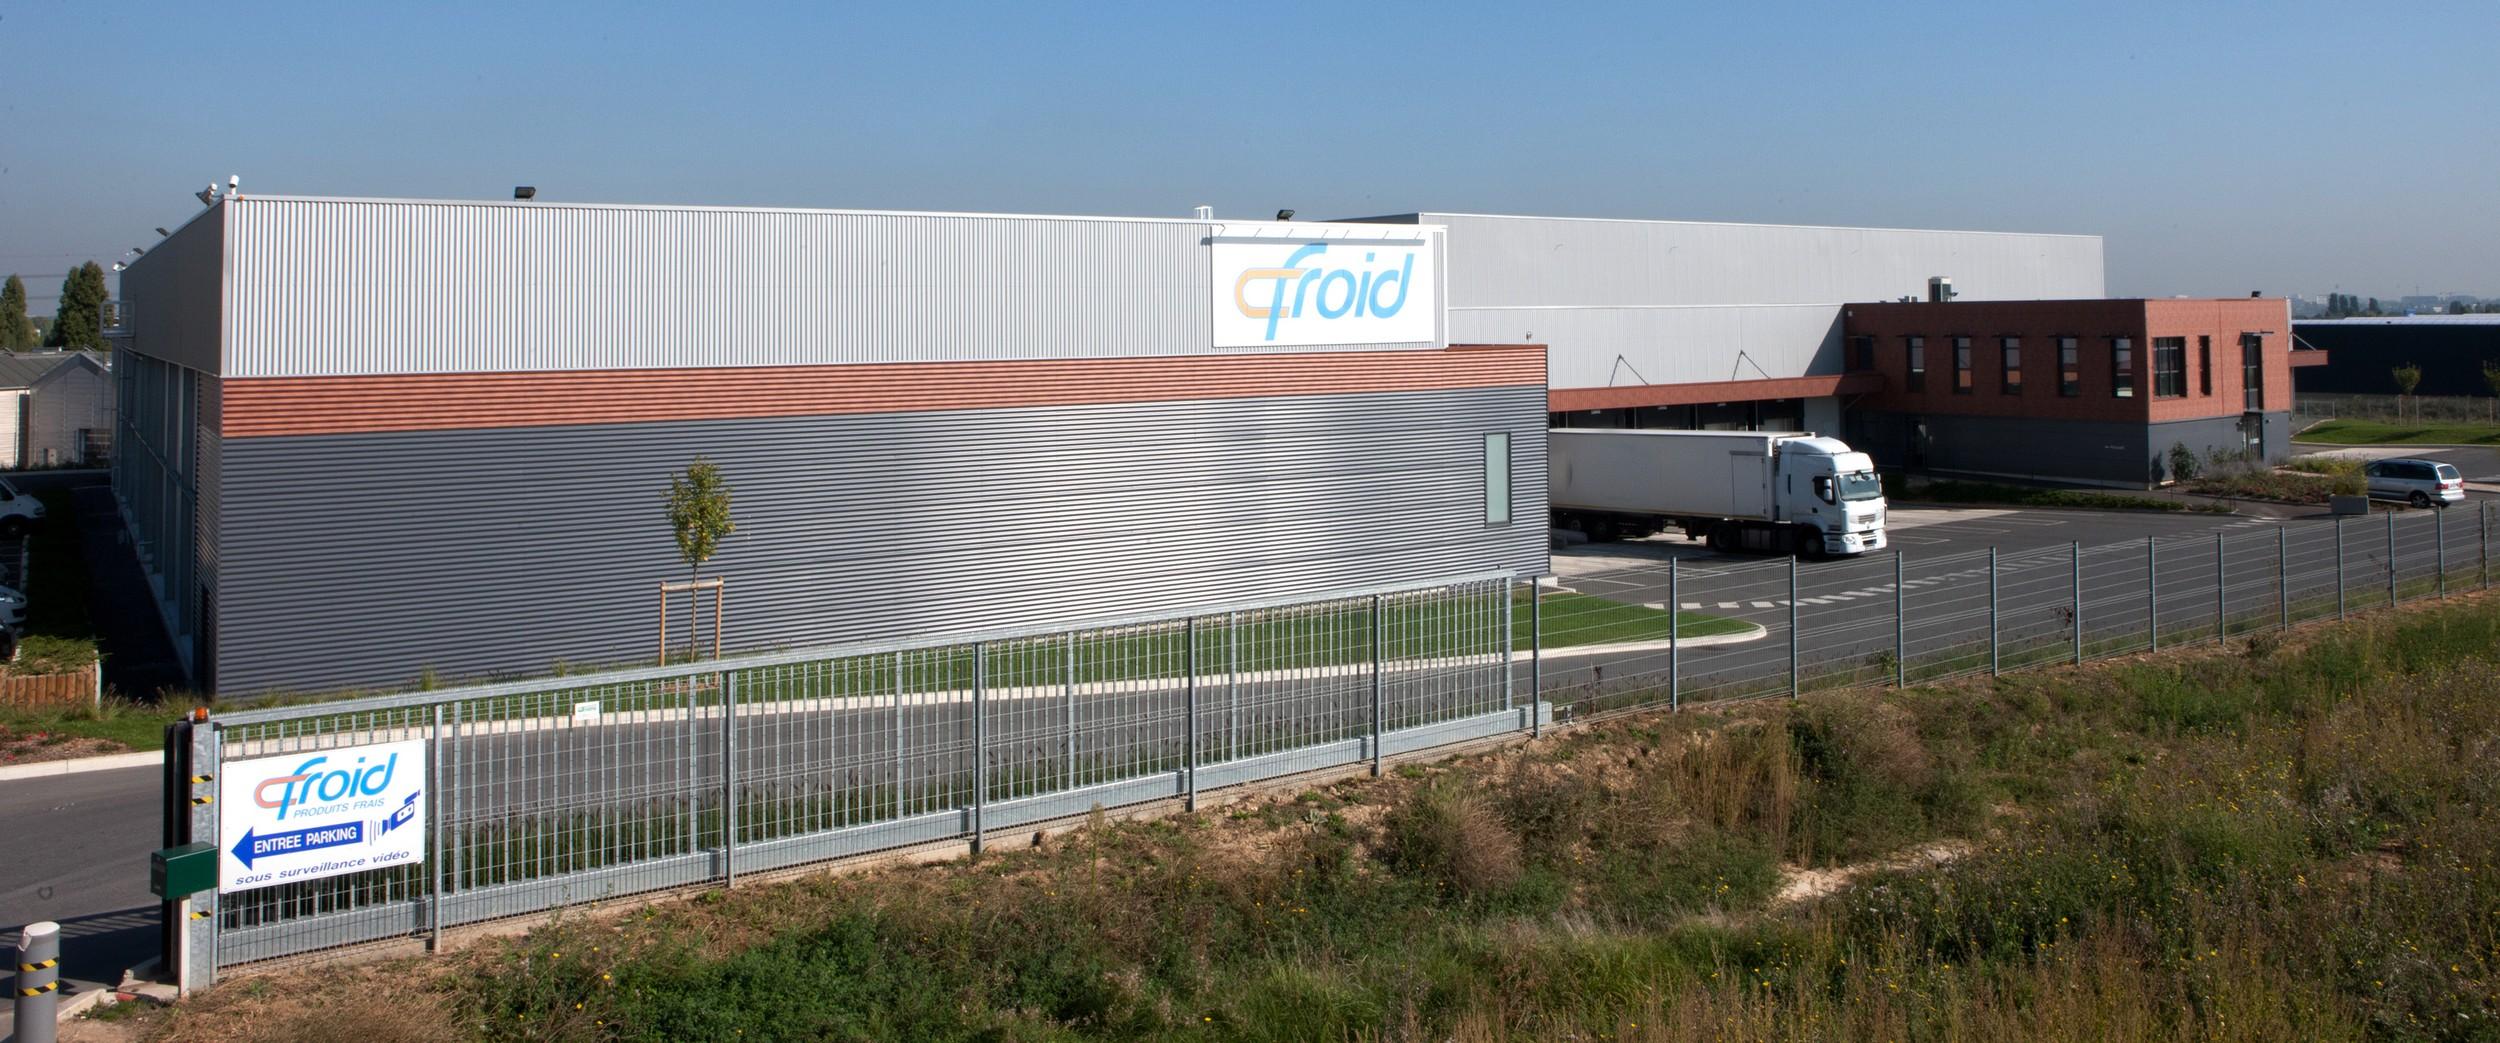 CFROID-JPG-HD-2631copie